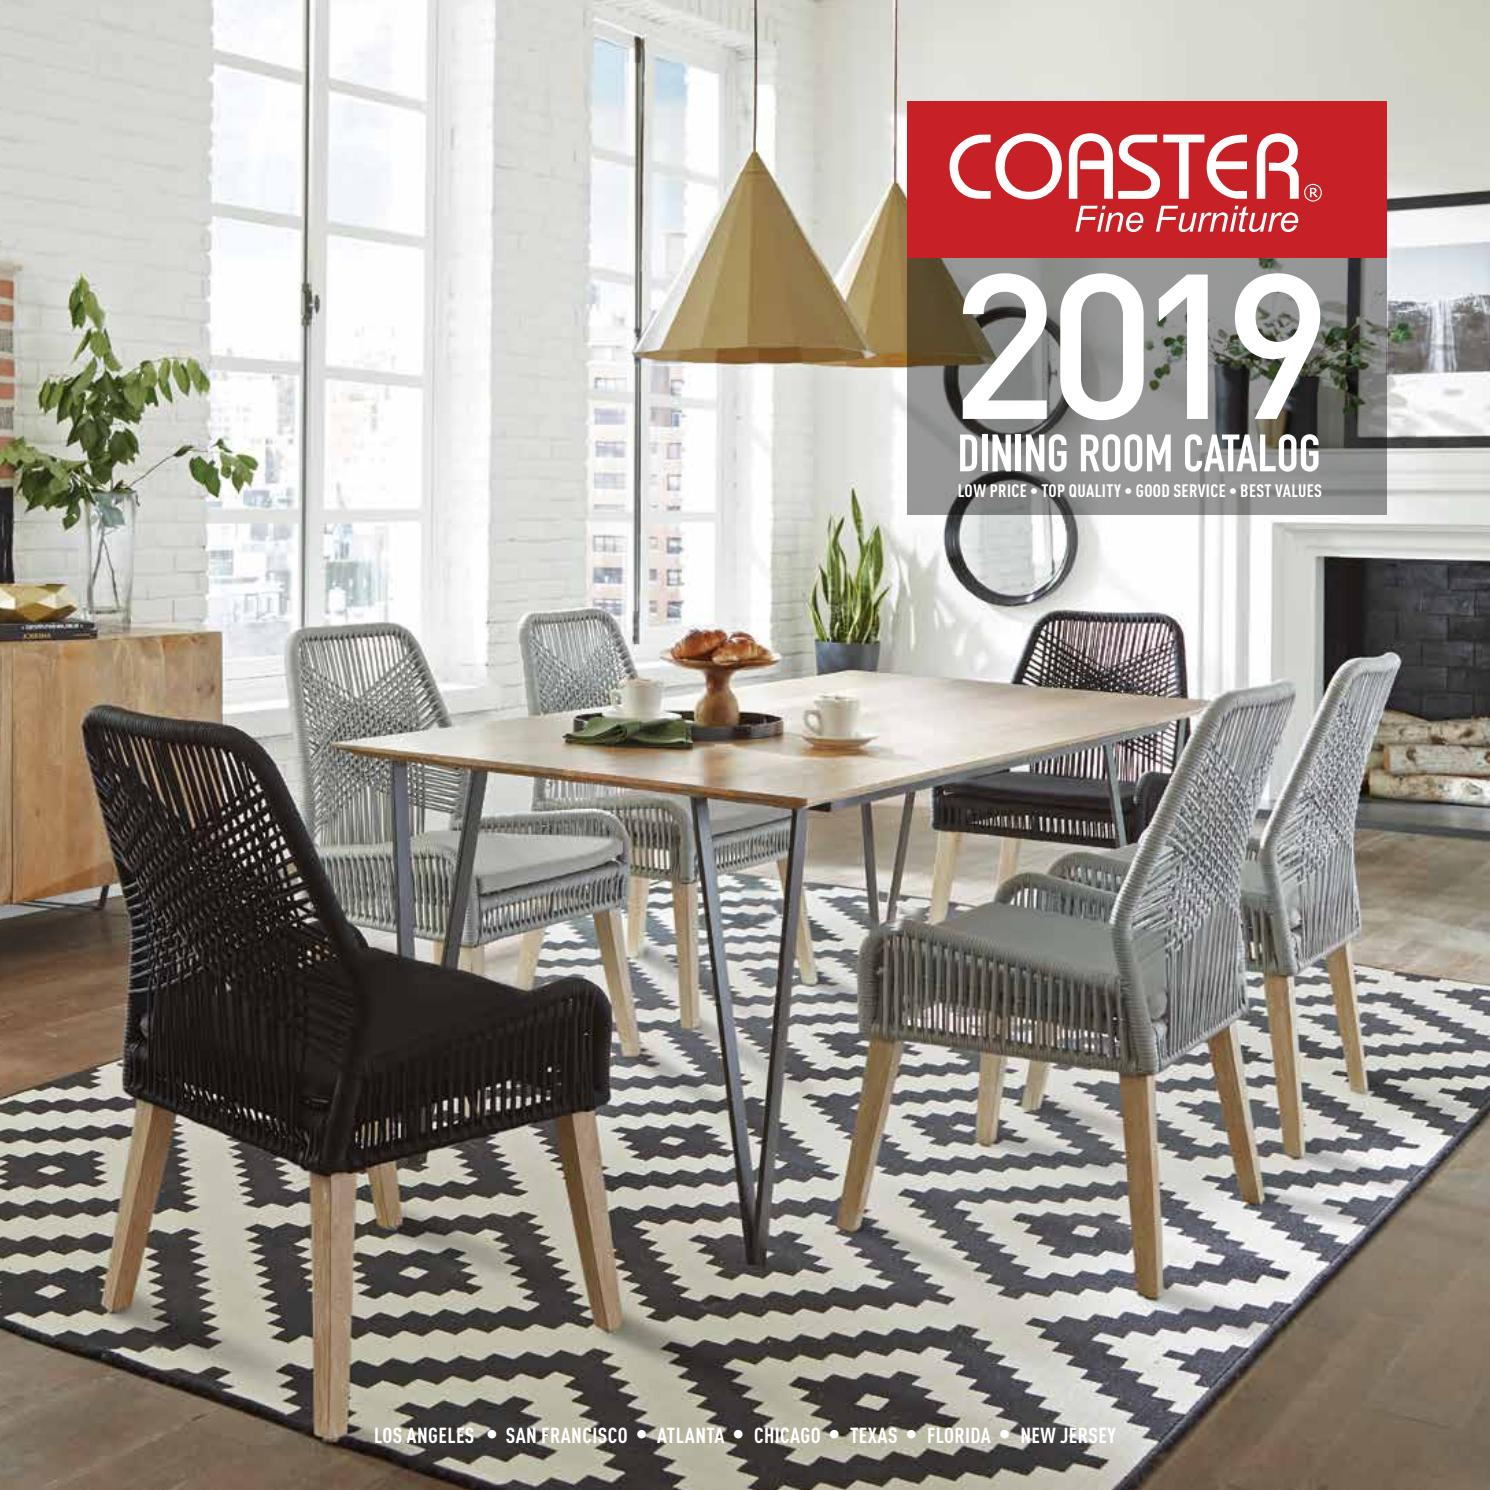 Coaster 2019 Dining Room Catalog Coaster Company Of inside size 1490 X 1490